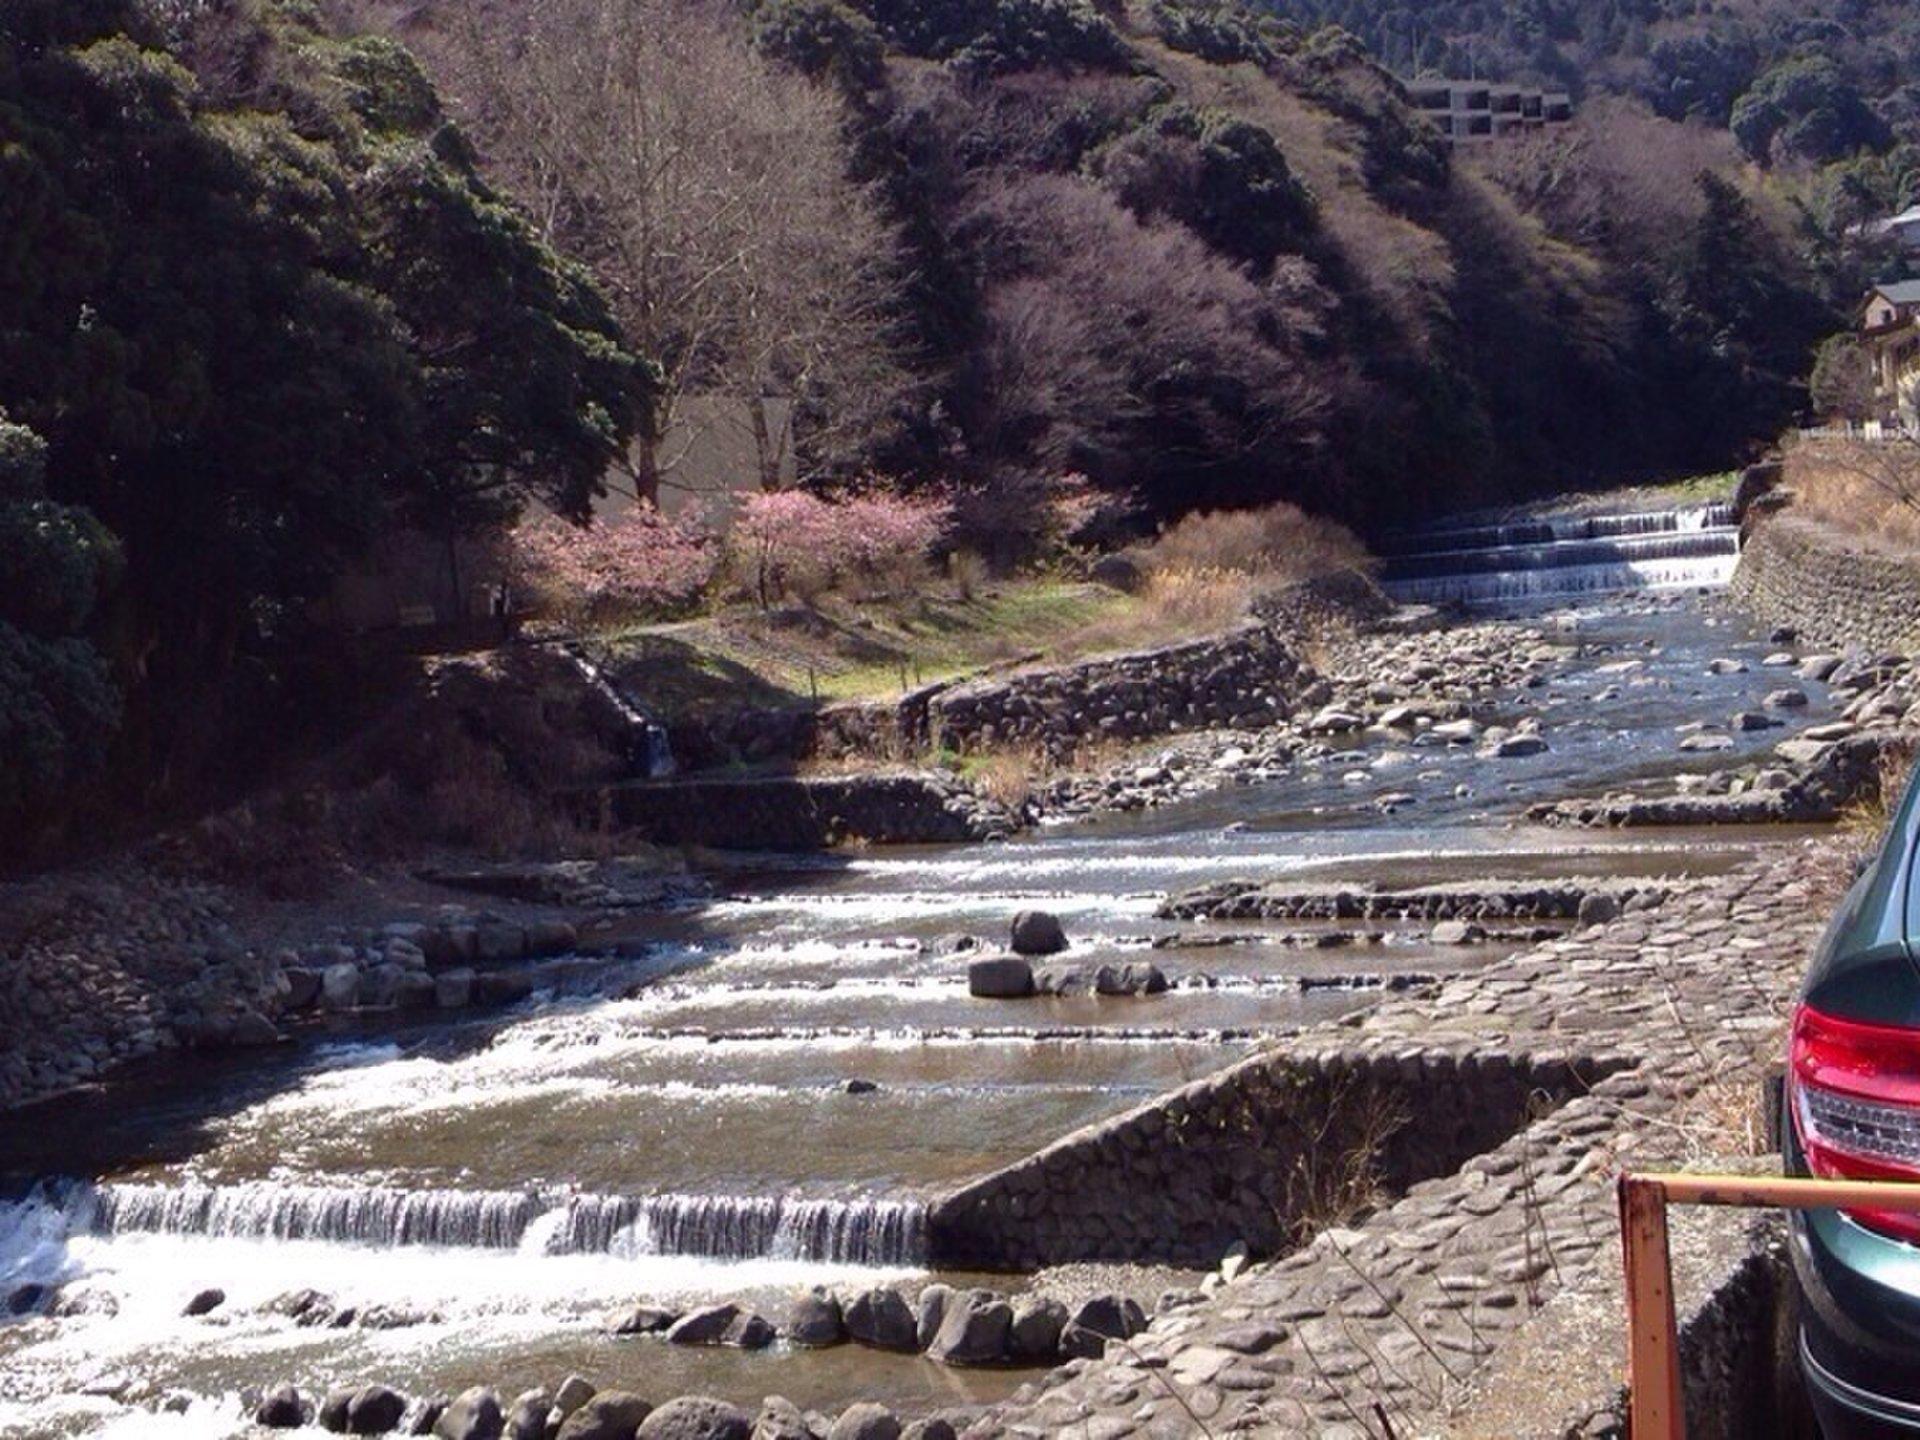 【箱根温泉でまったり旅行】日帰りデートでも楽しめるプラン紹介♪